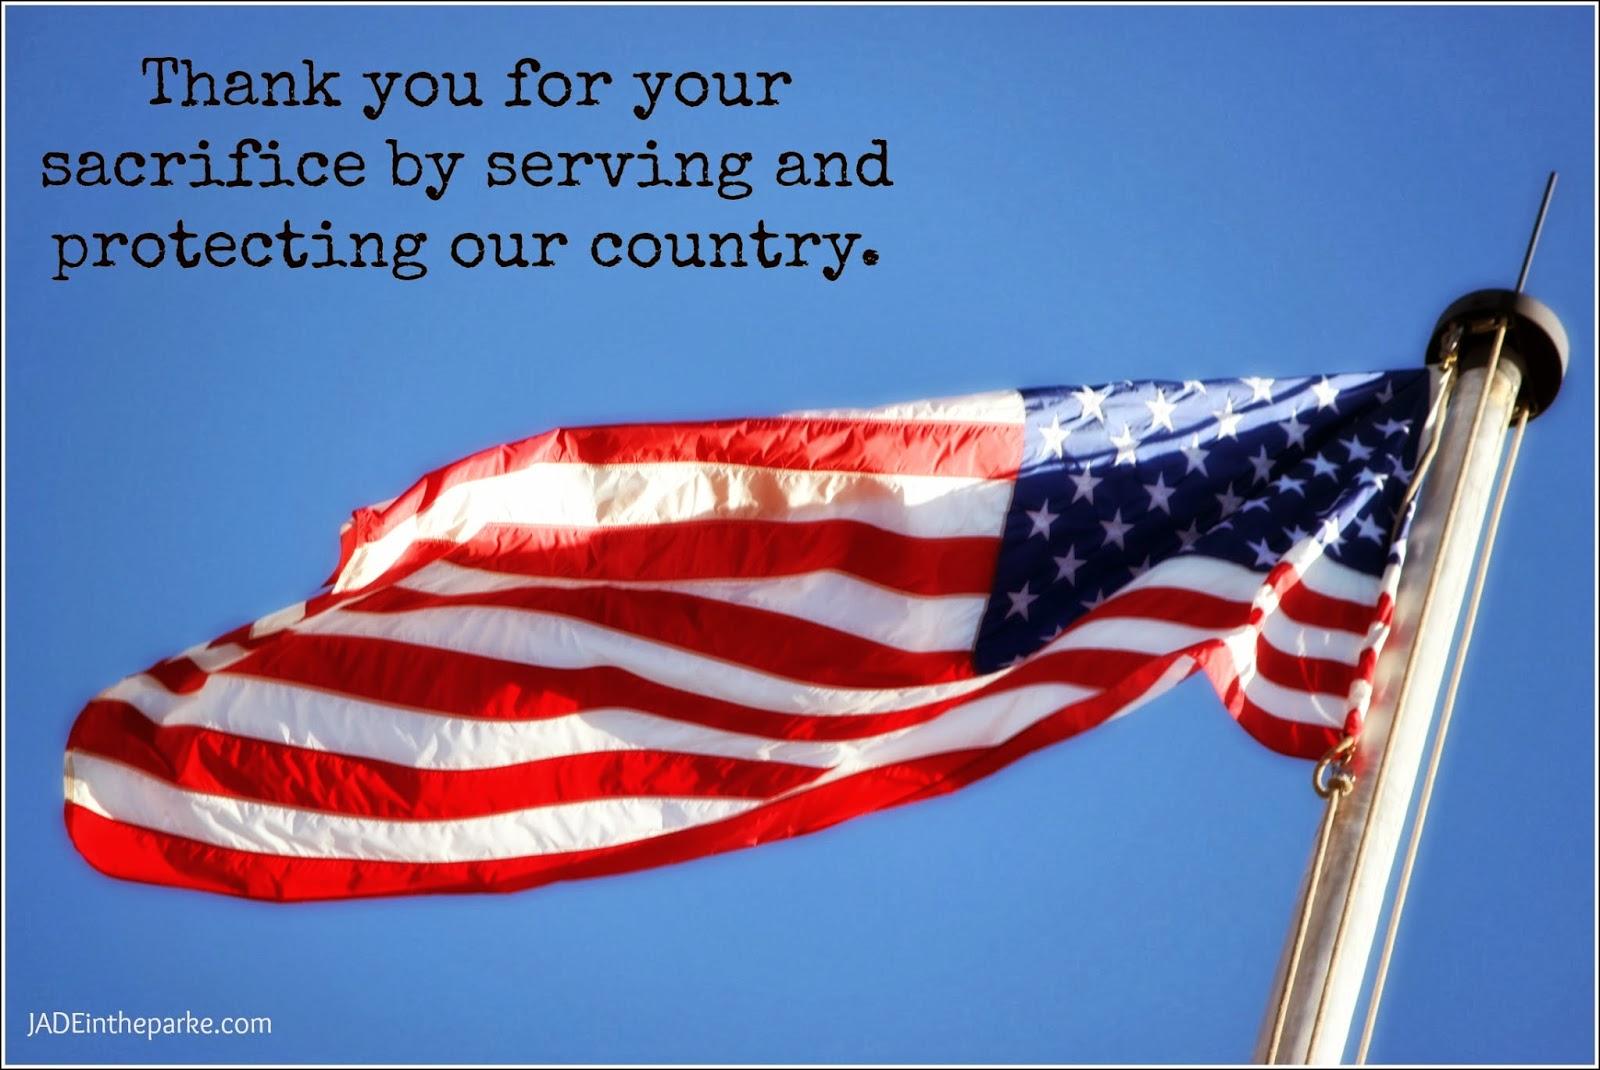 http://www.jadeintheparke.com/2013/11/veterans-day-2013.html